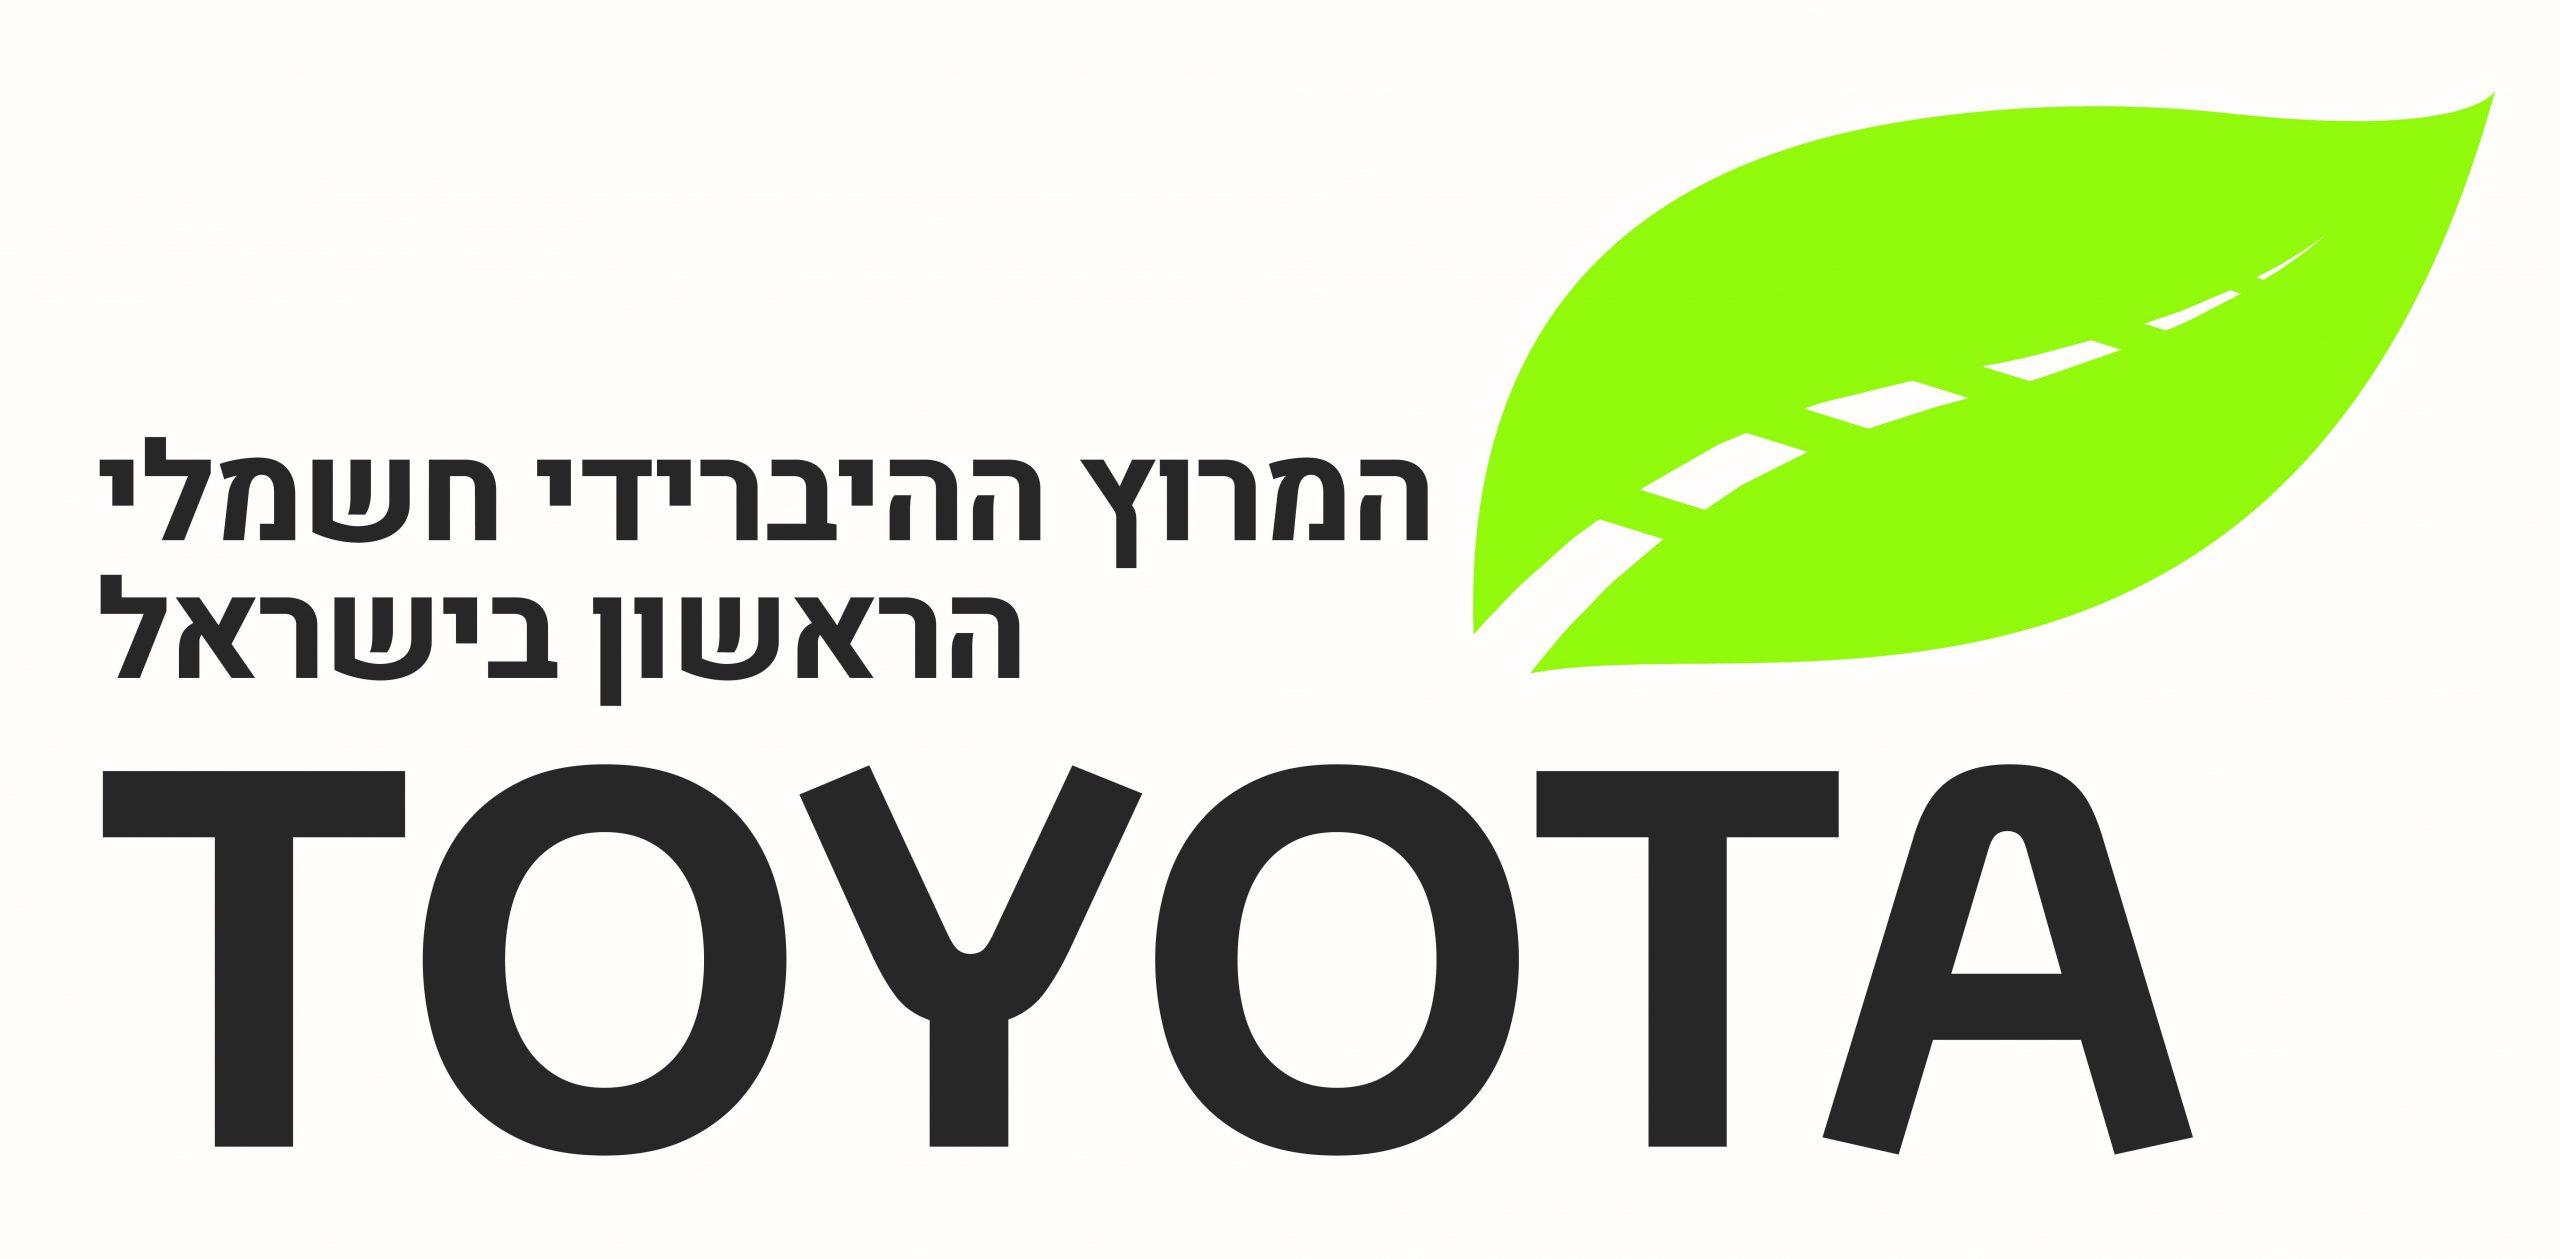 המירוץ ההיברידי החשמלי הראשון בישראל